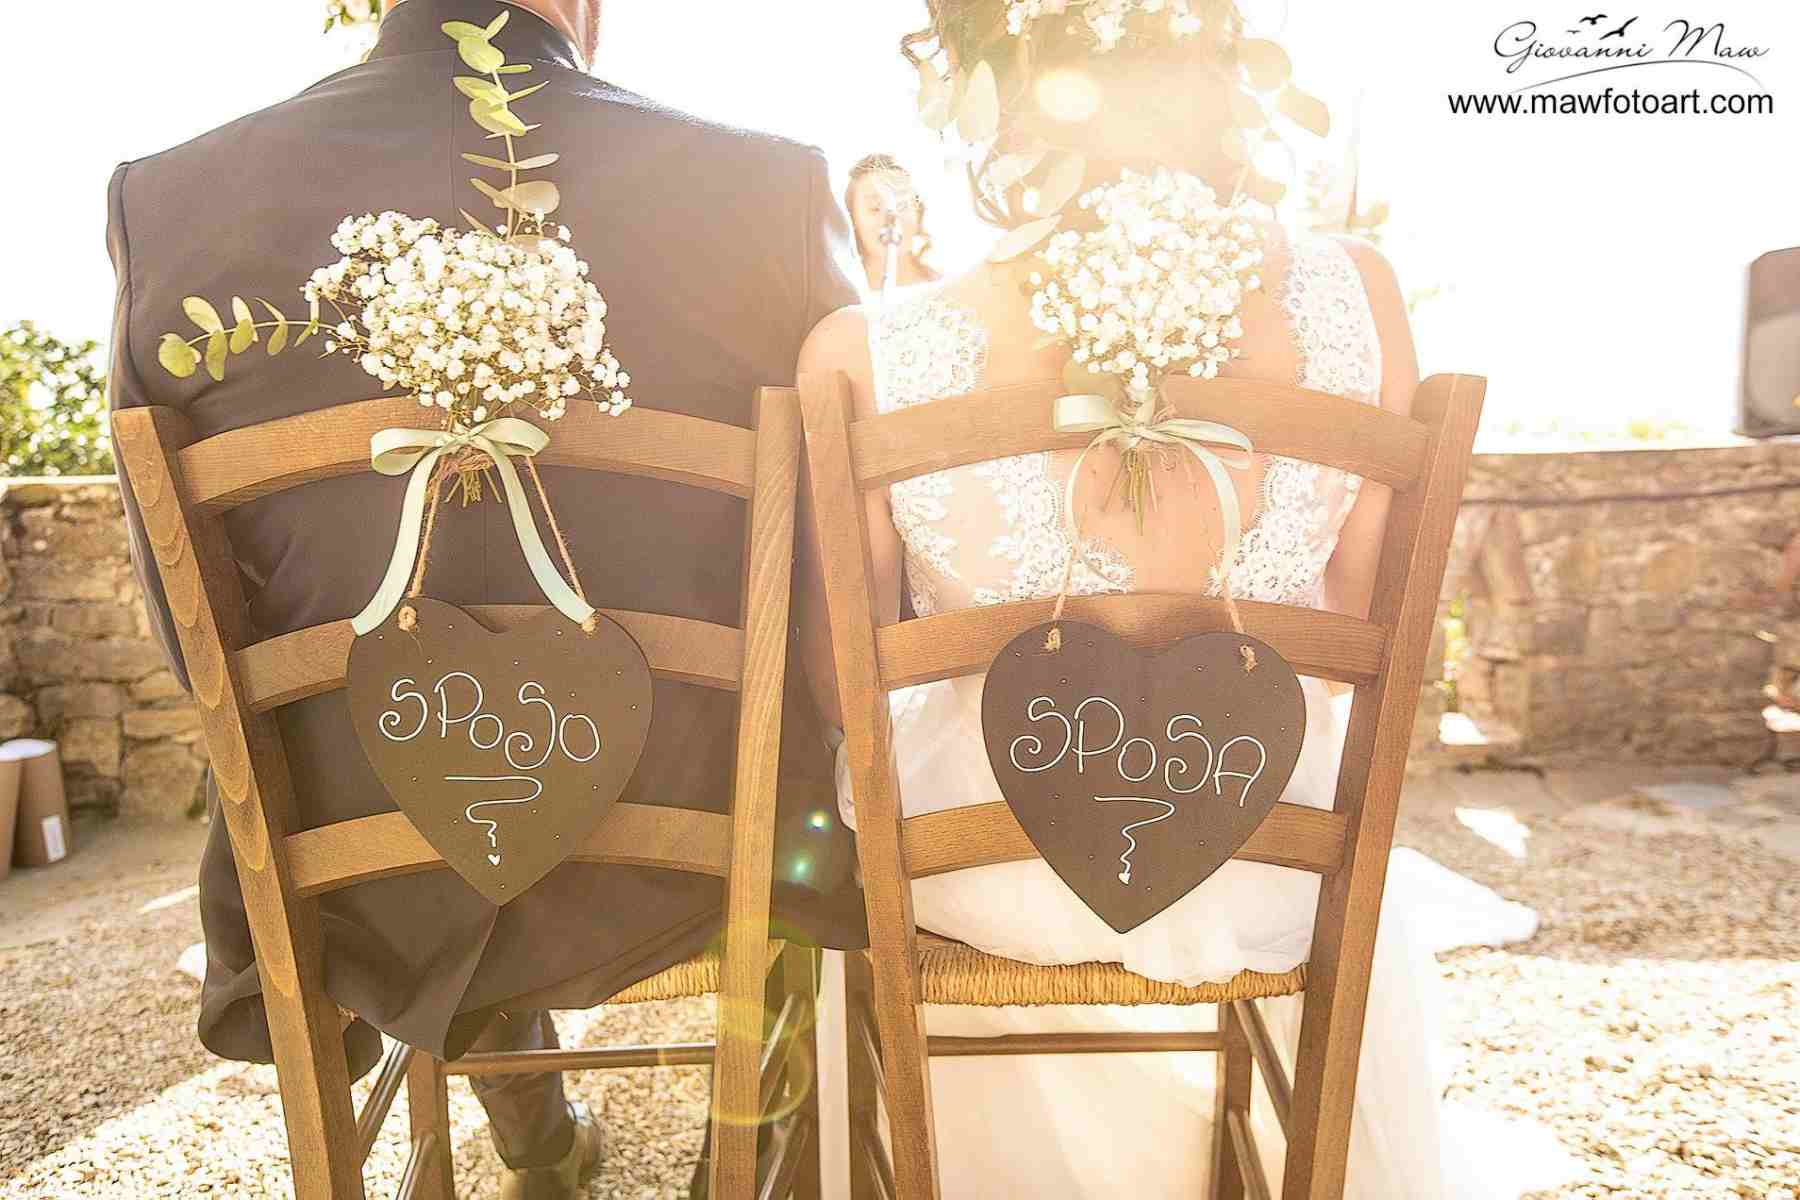 Italian Wedding Star Package Wedding Package